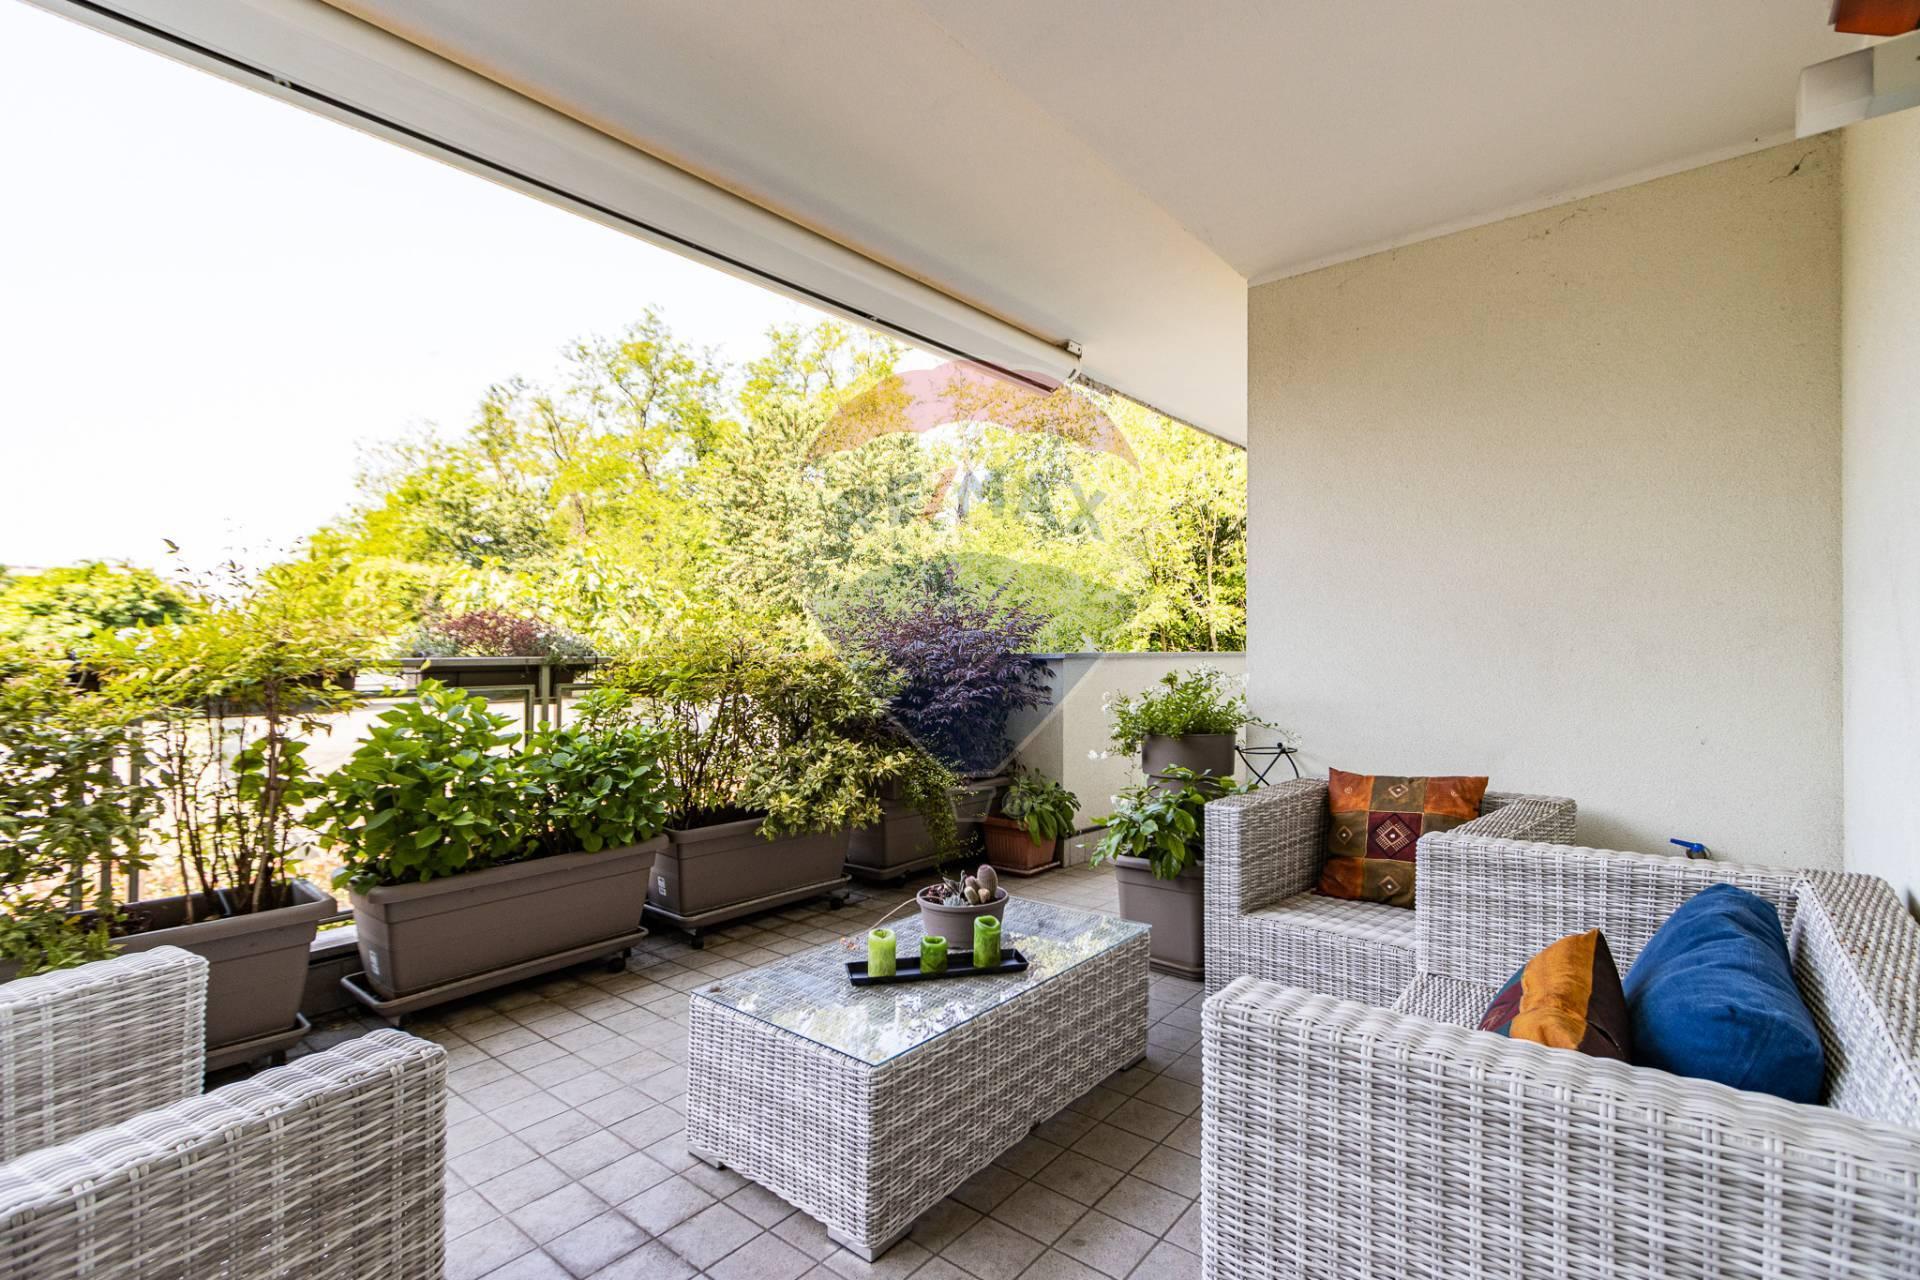 Appartamento in vendita a Rho, 3 locali, zona Località: ZonaCentro, prezzo € 330.000 | CambioCasa.it